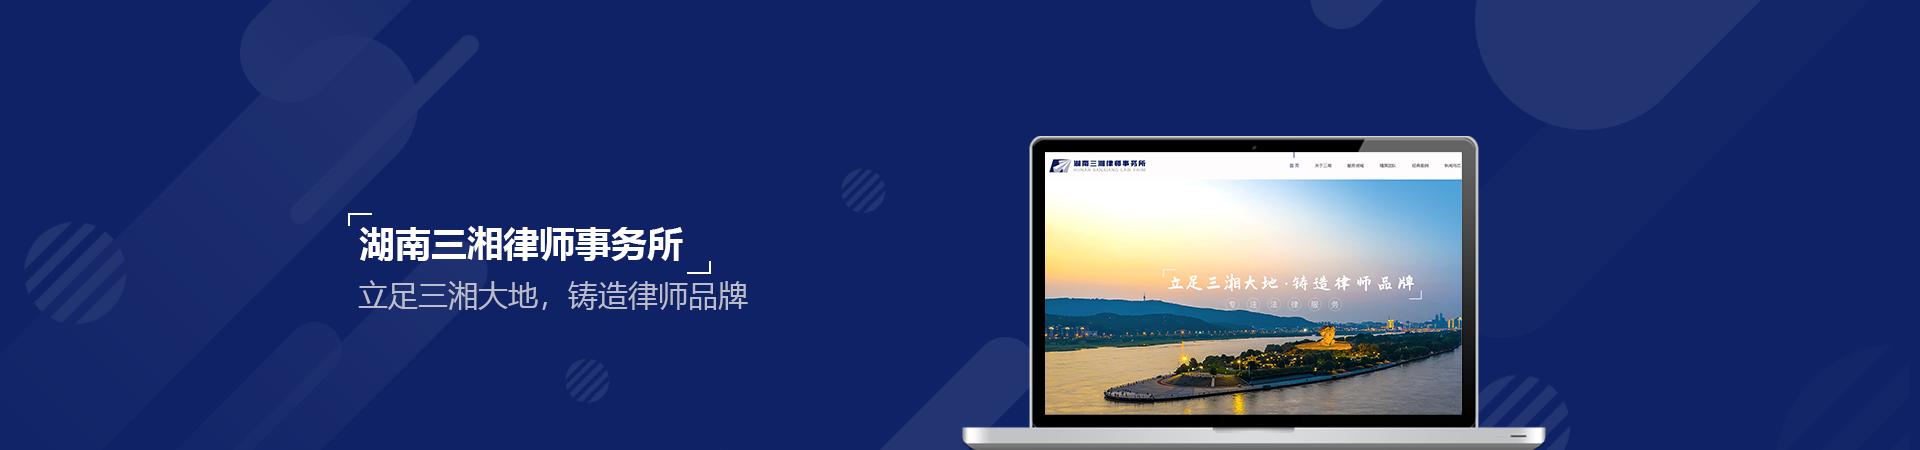 湖南三湘律师事务所